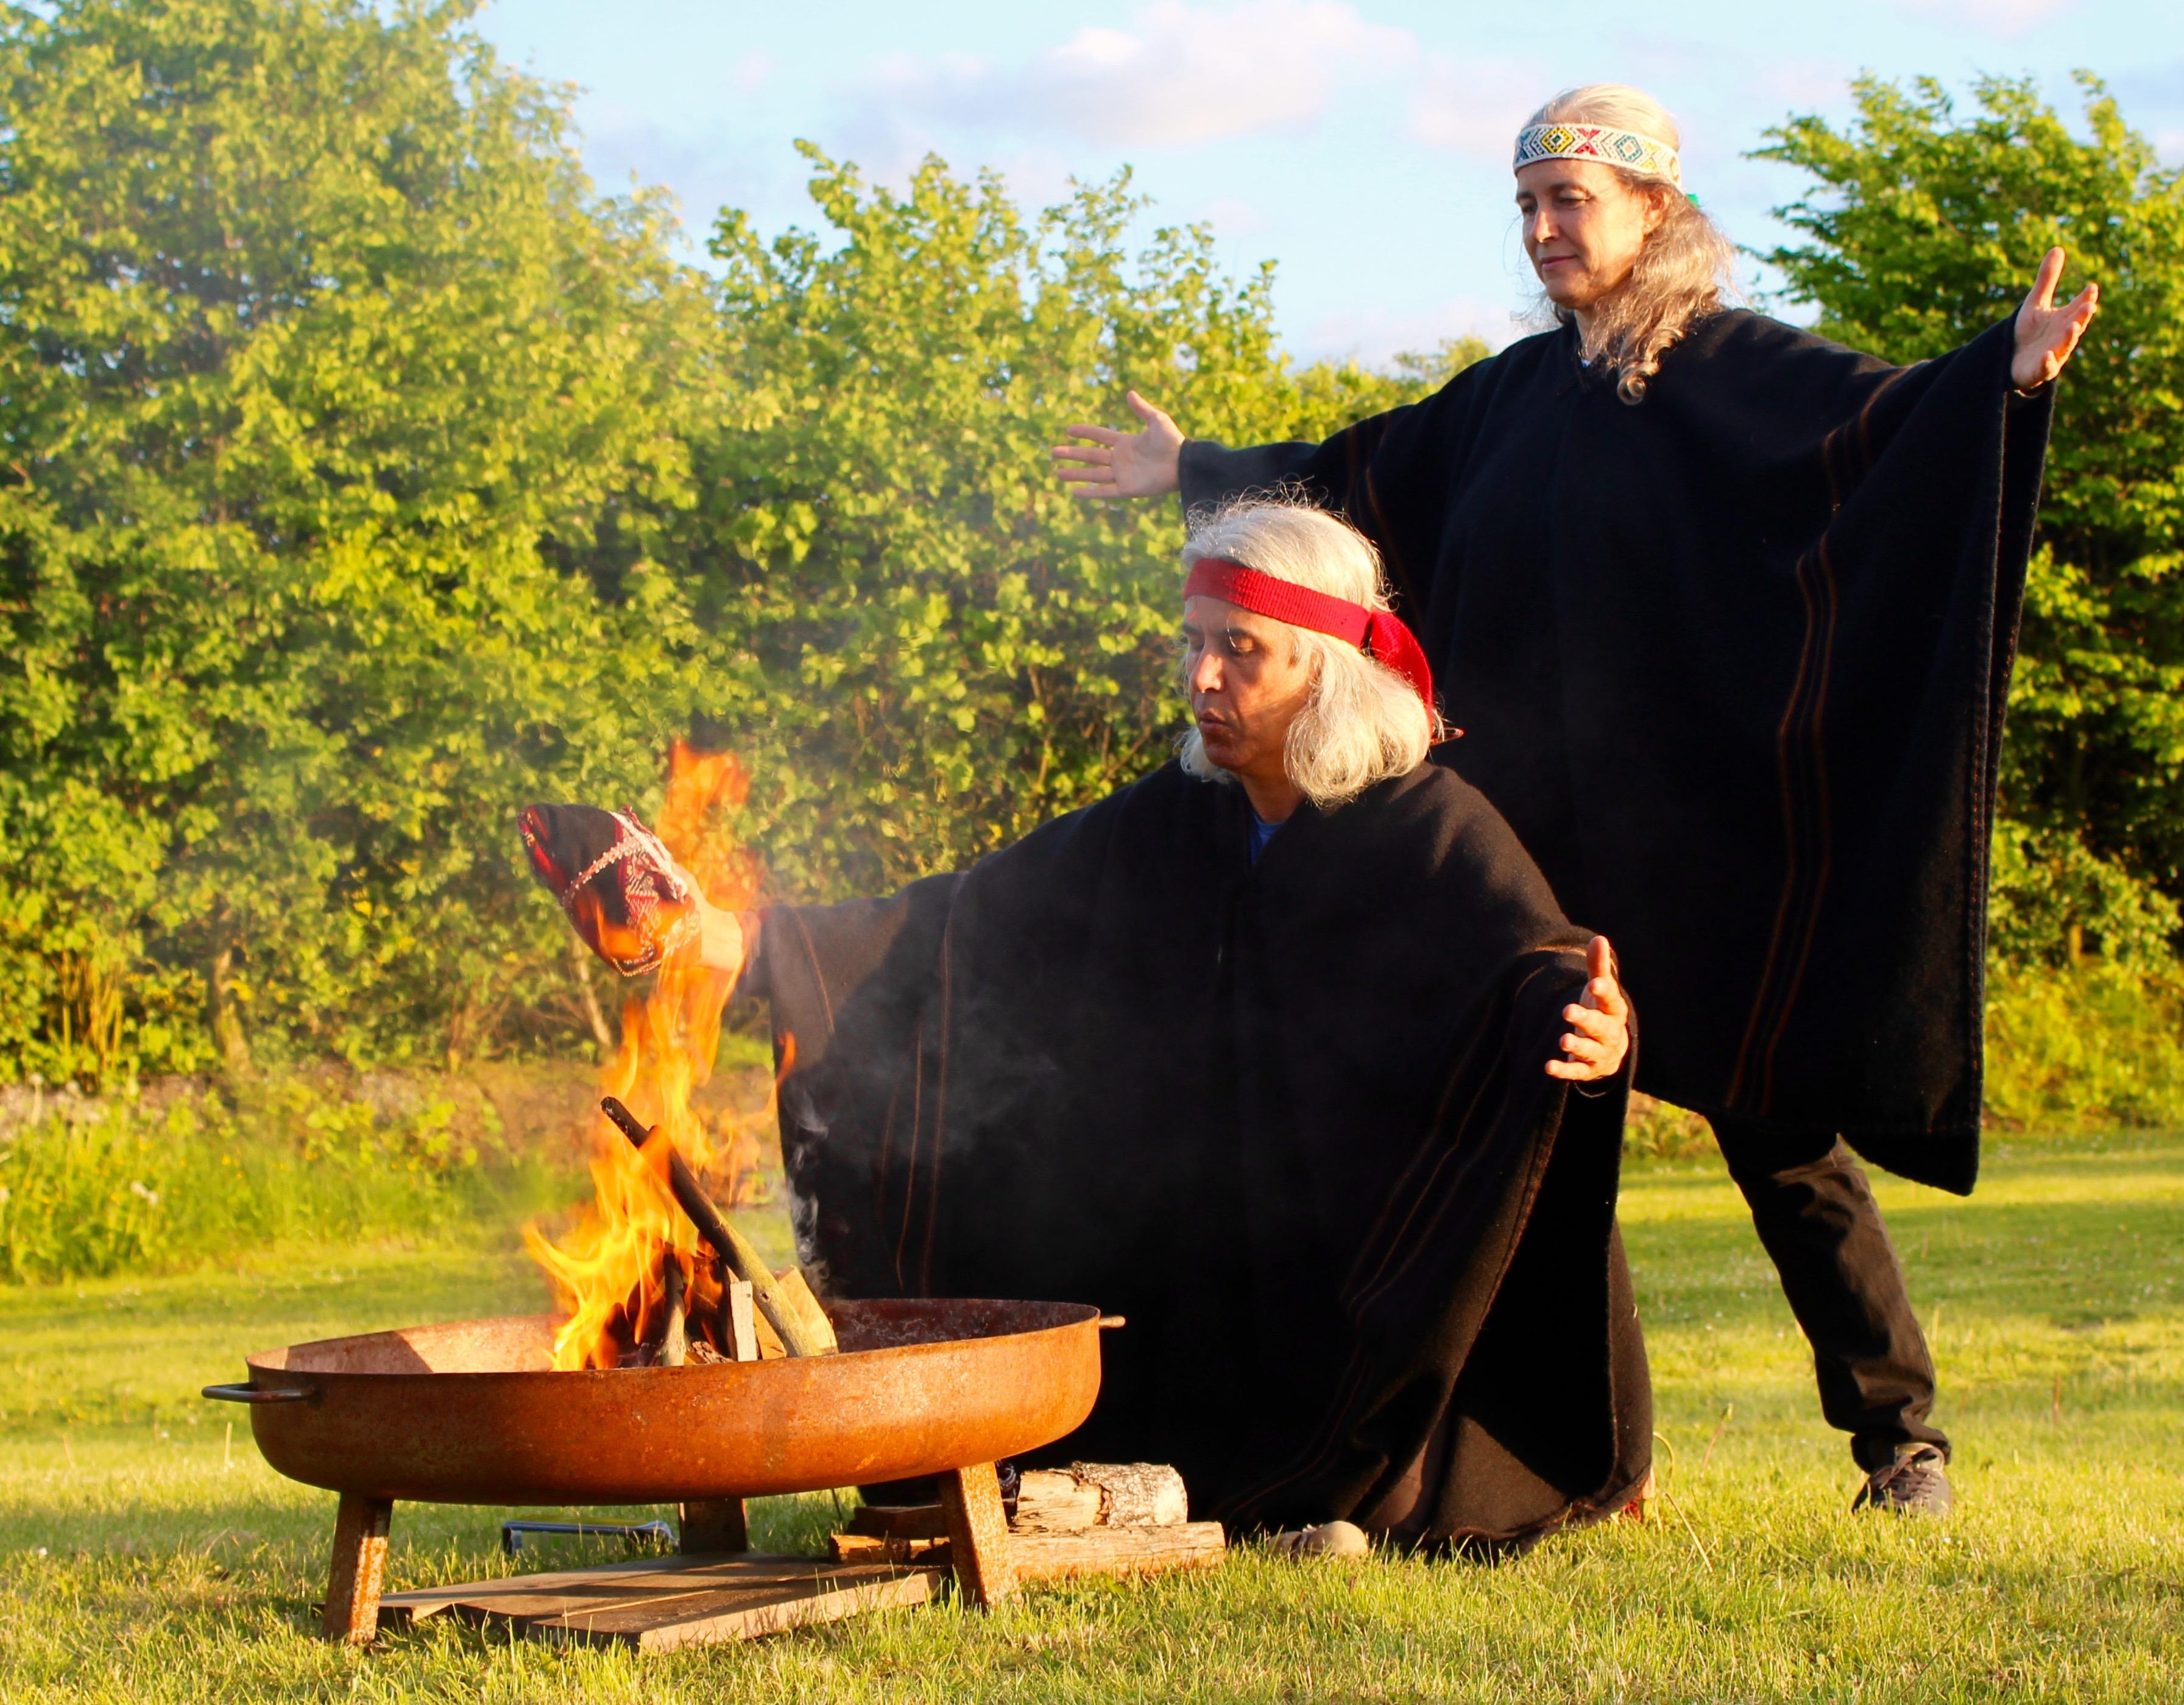 Schamanische Zeremonie mit Feuer